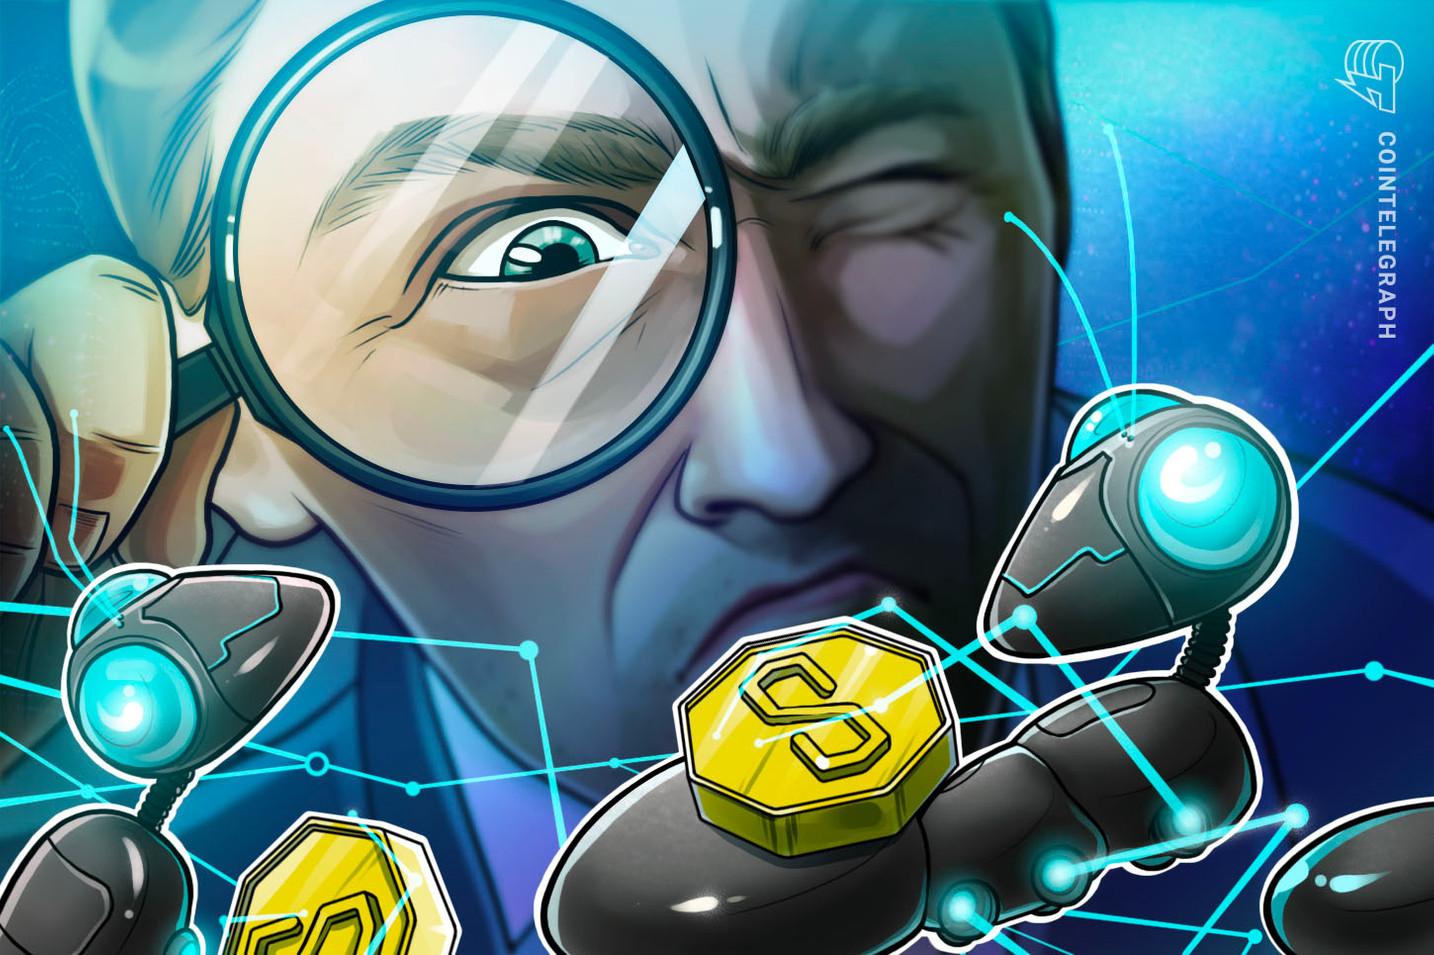 EU Won't Let Stablecoins Enter Market Until Risks Are Addressed